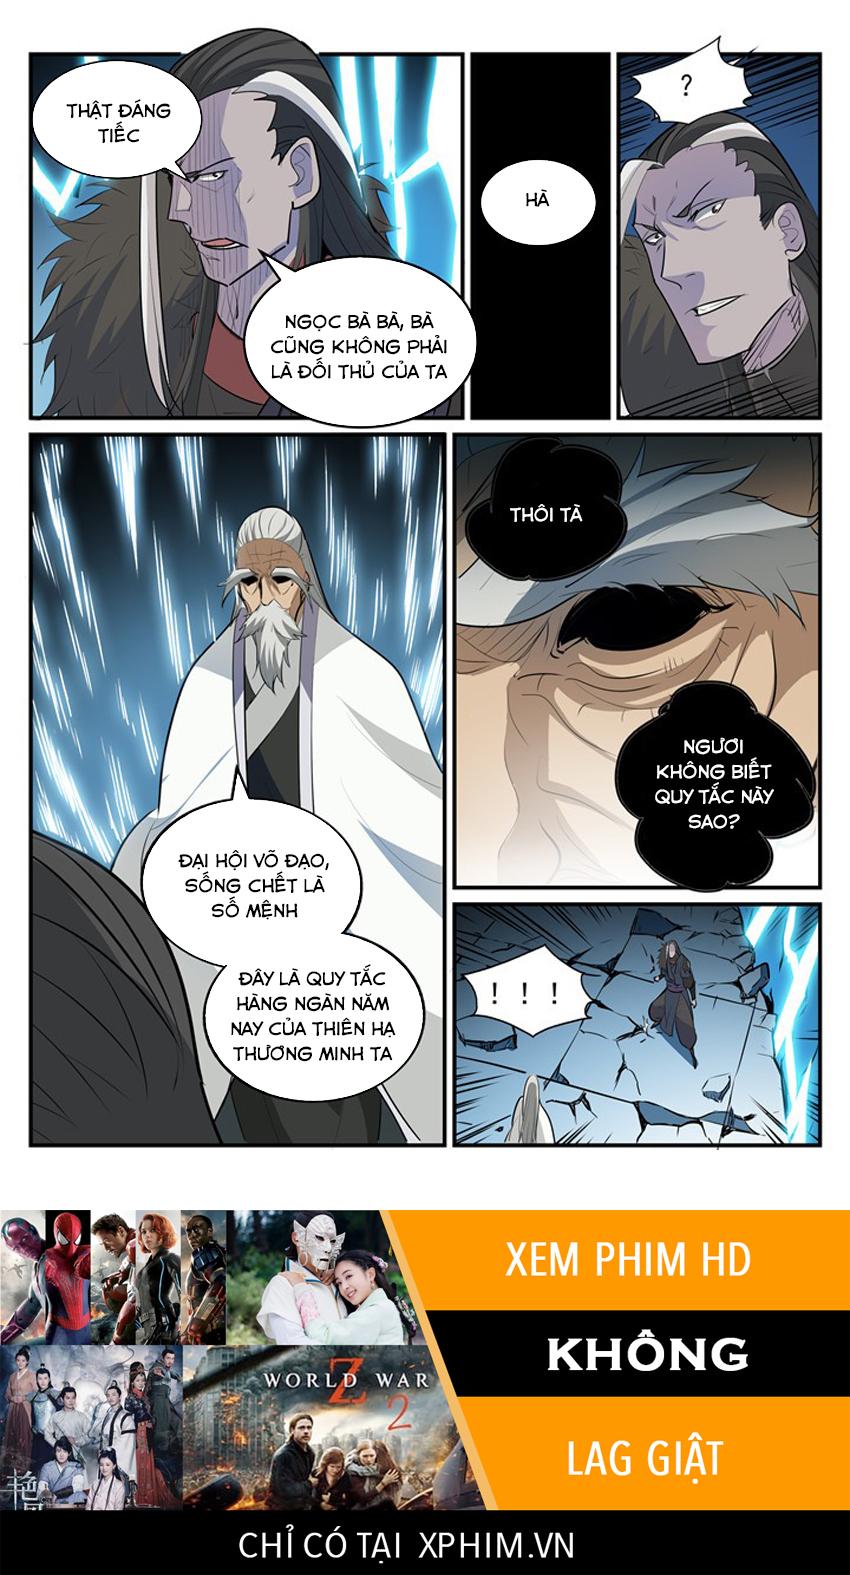 Bách Luyện Thành Thần Chapter 190 trang 18 - CungDocTruyen.com